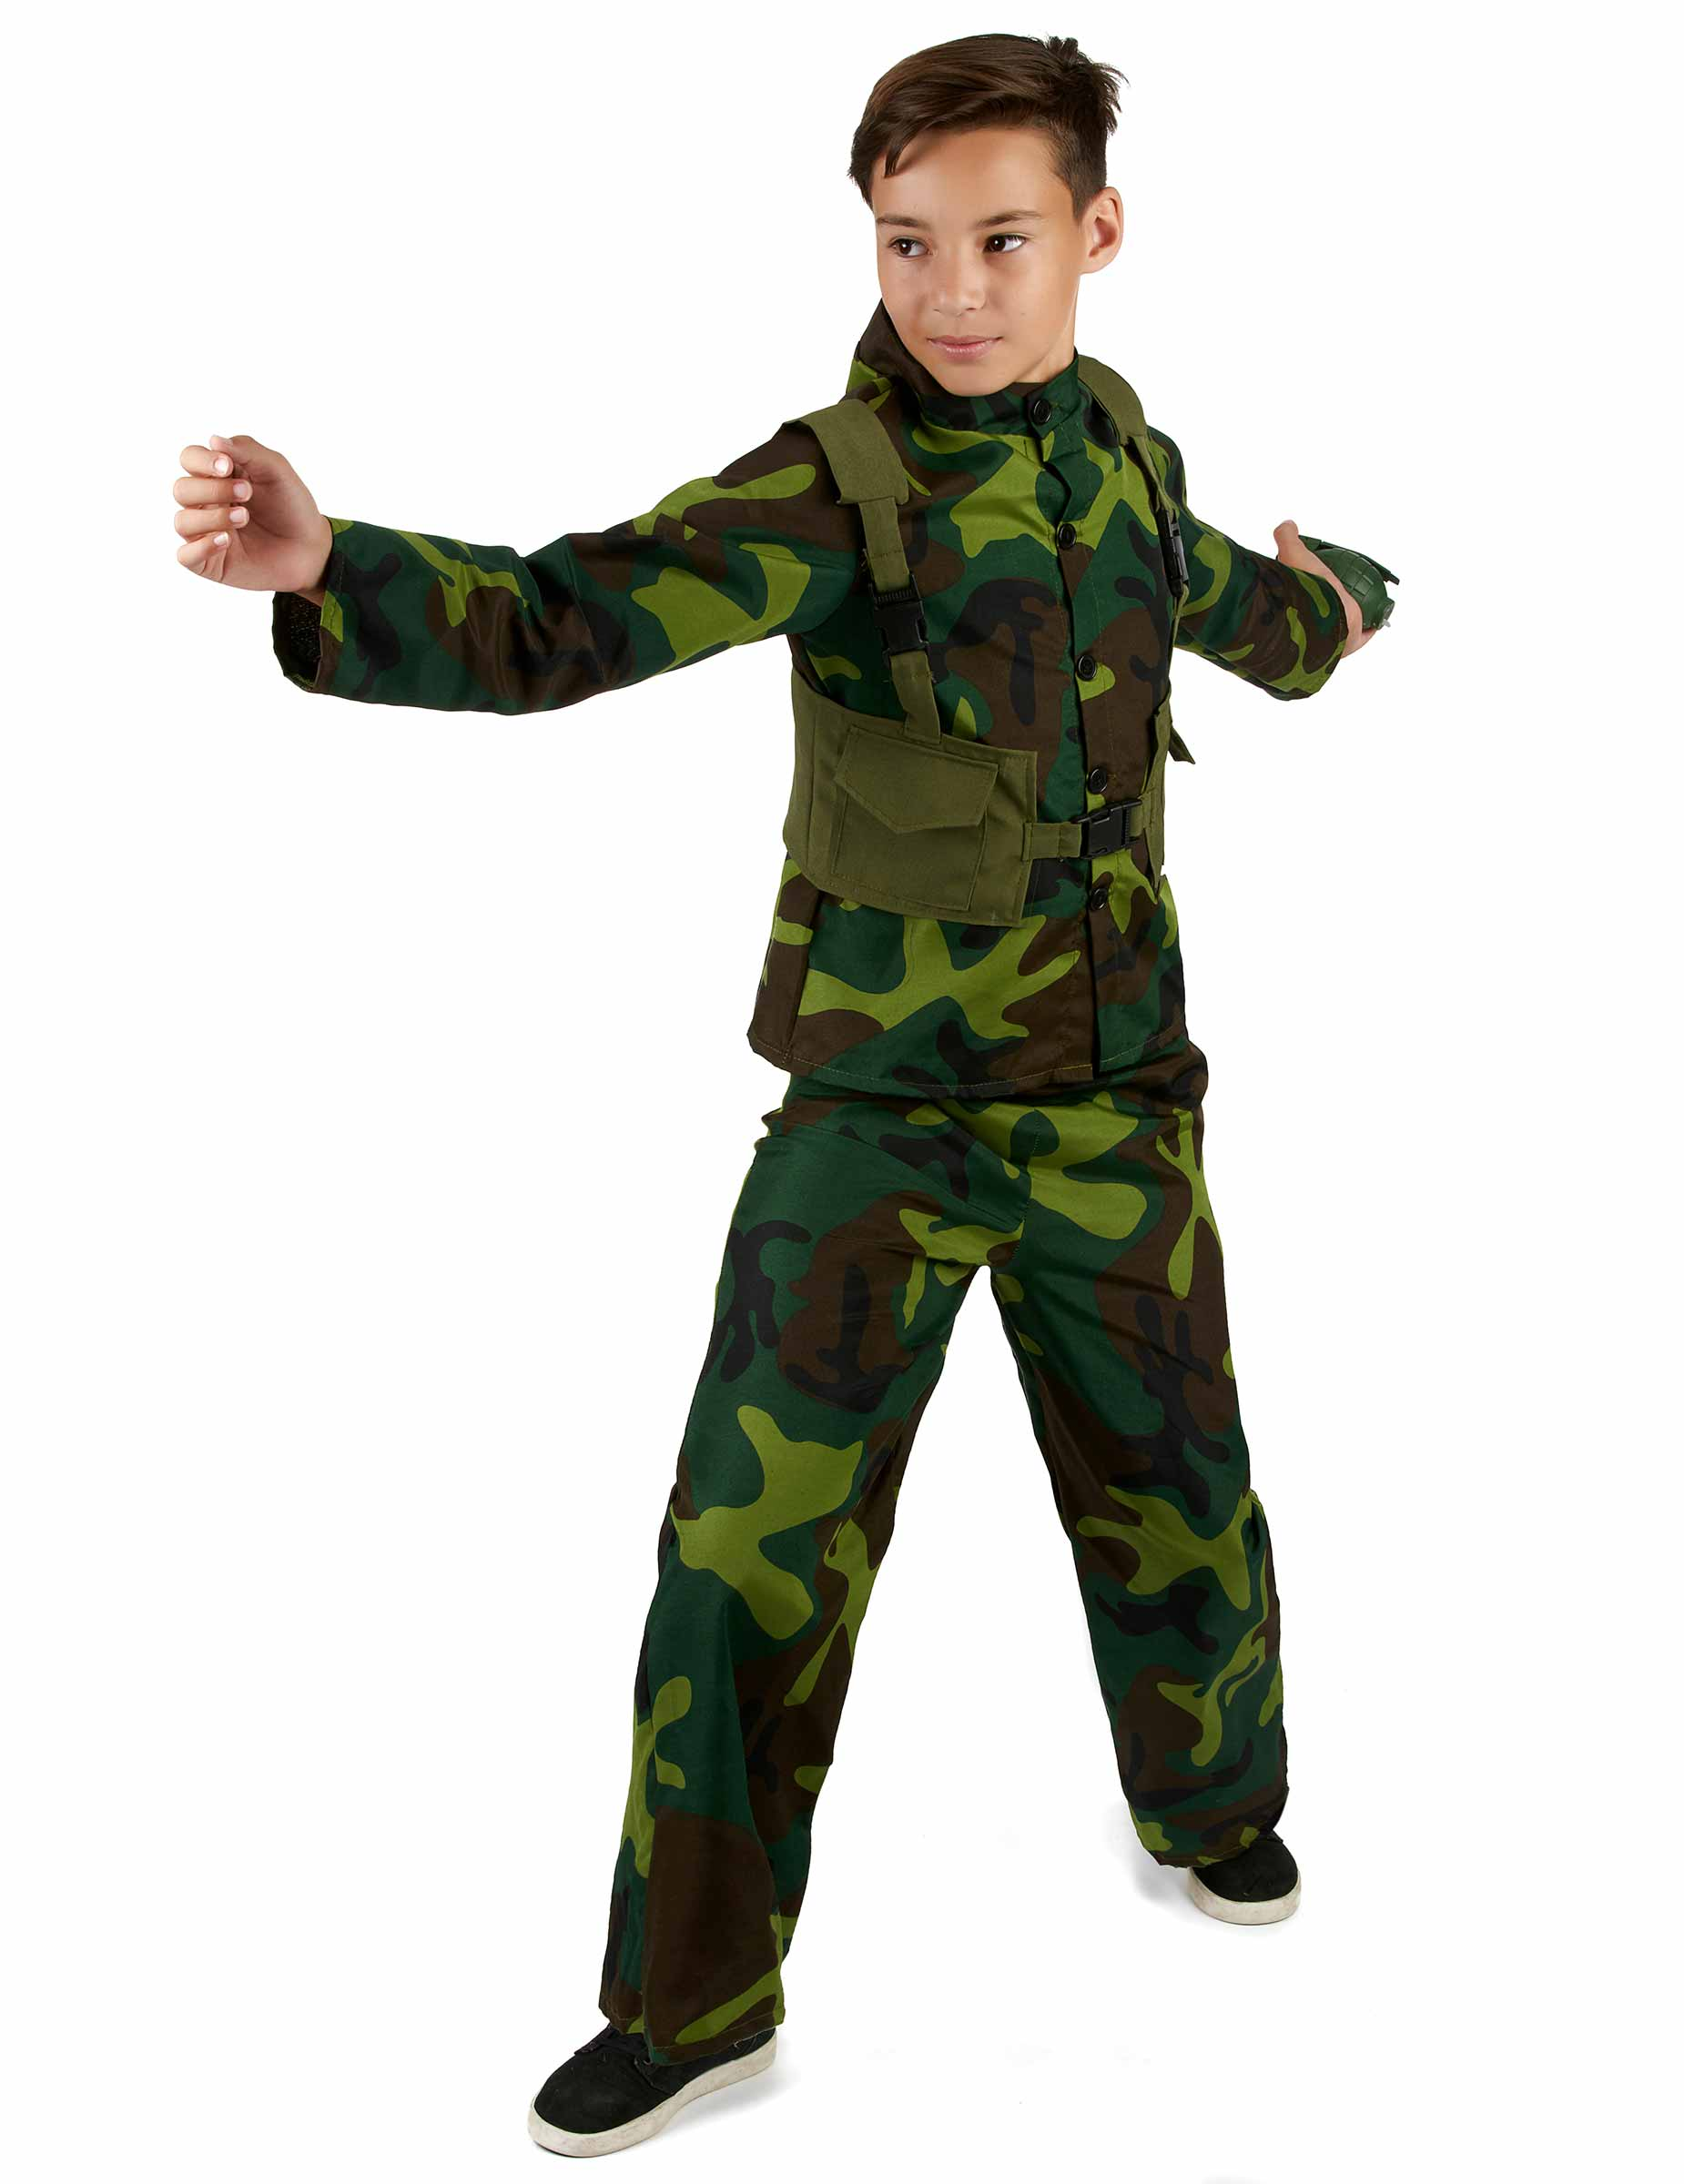 d guisement de militaire gar on deguise toi achat de d guisements enfants. Black Bedroom Furniture Sets. Home Design Ideas